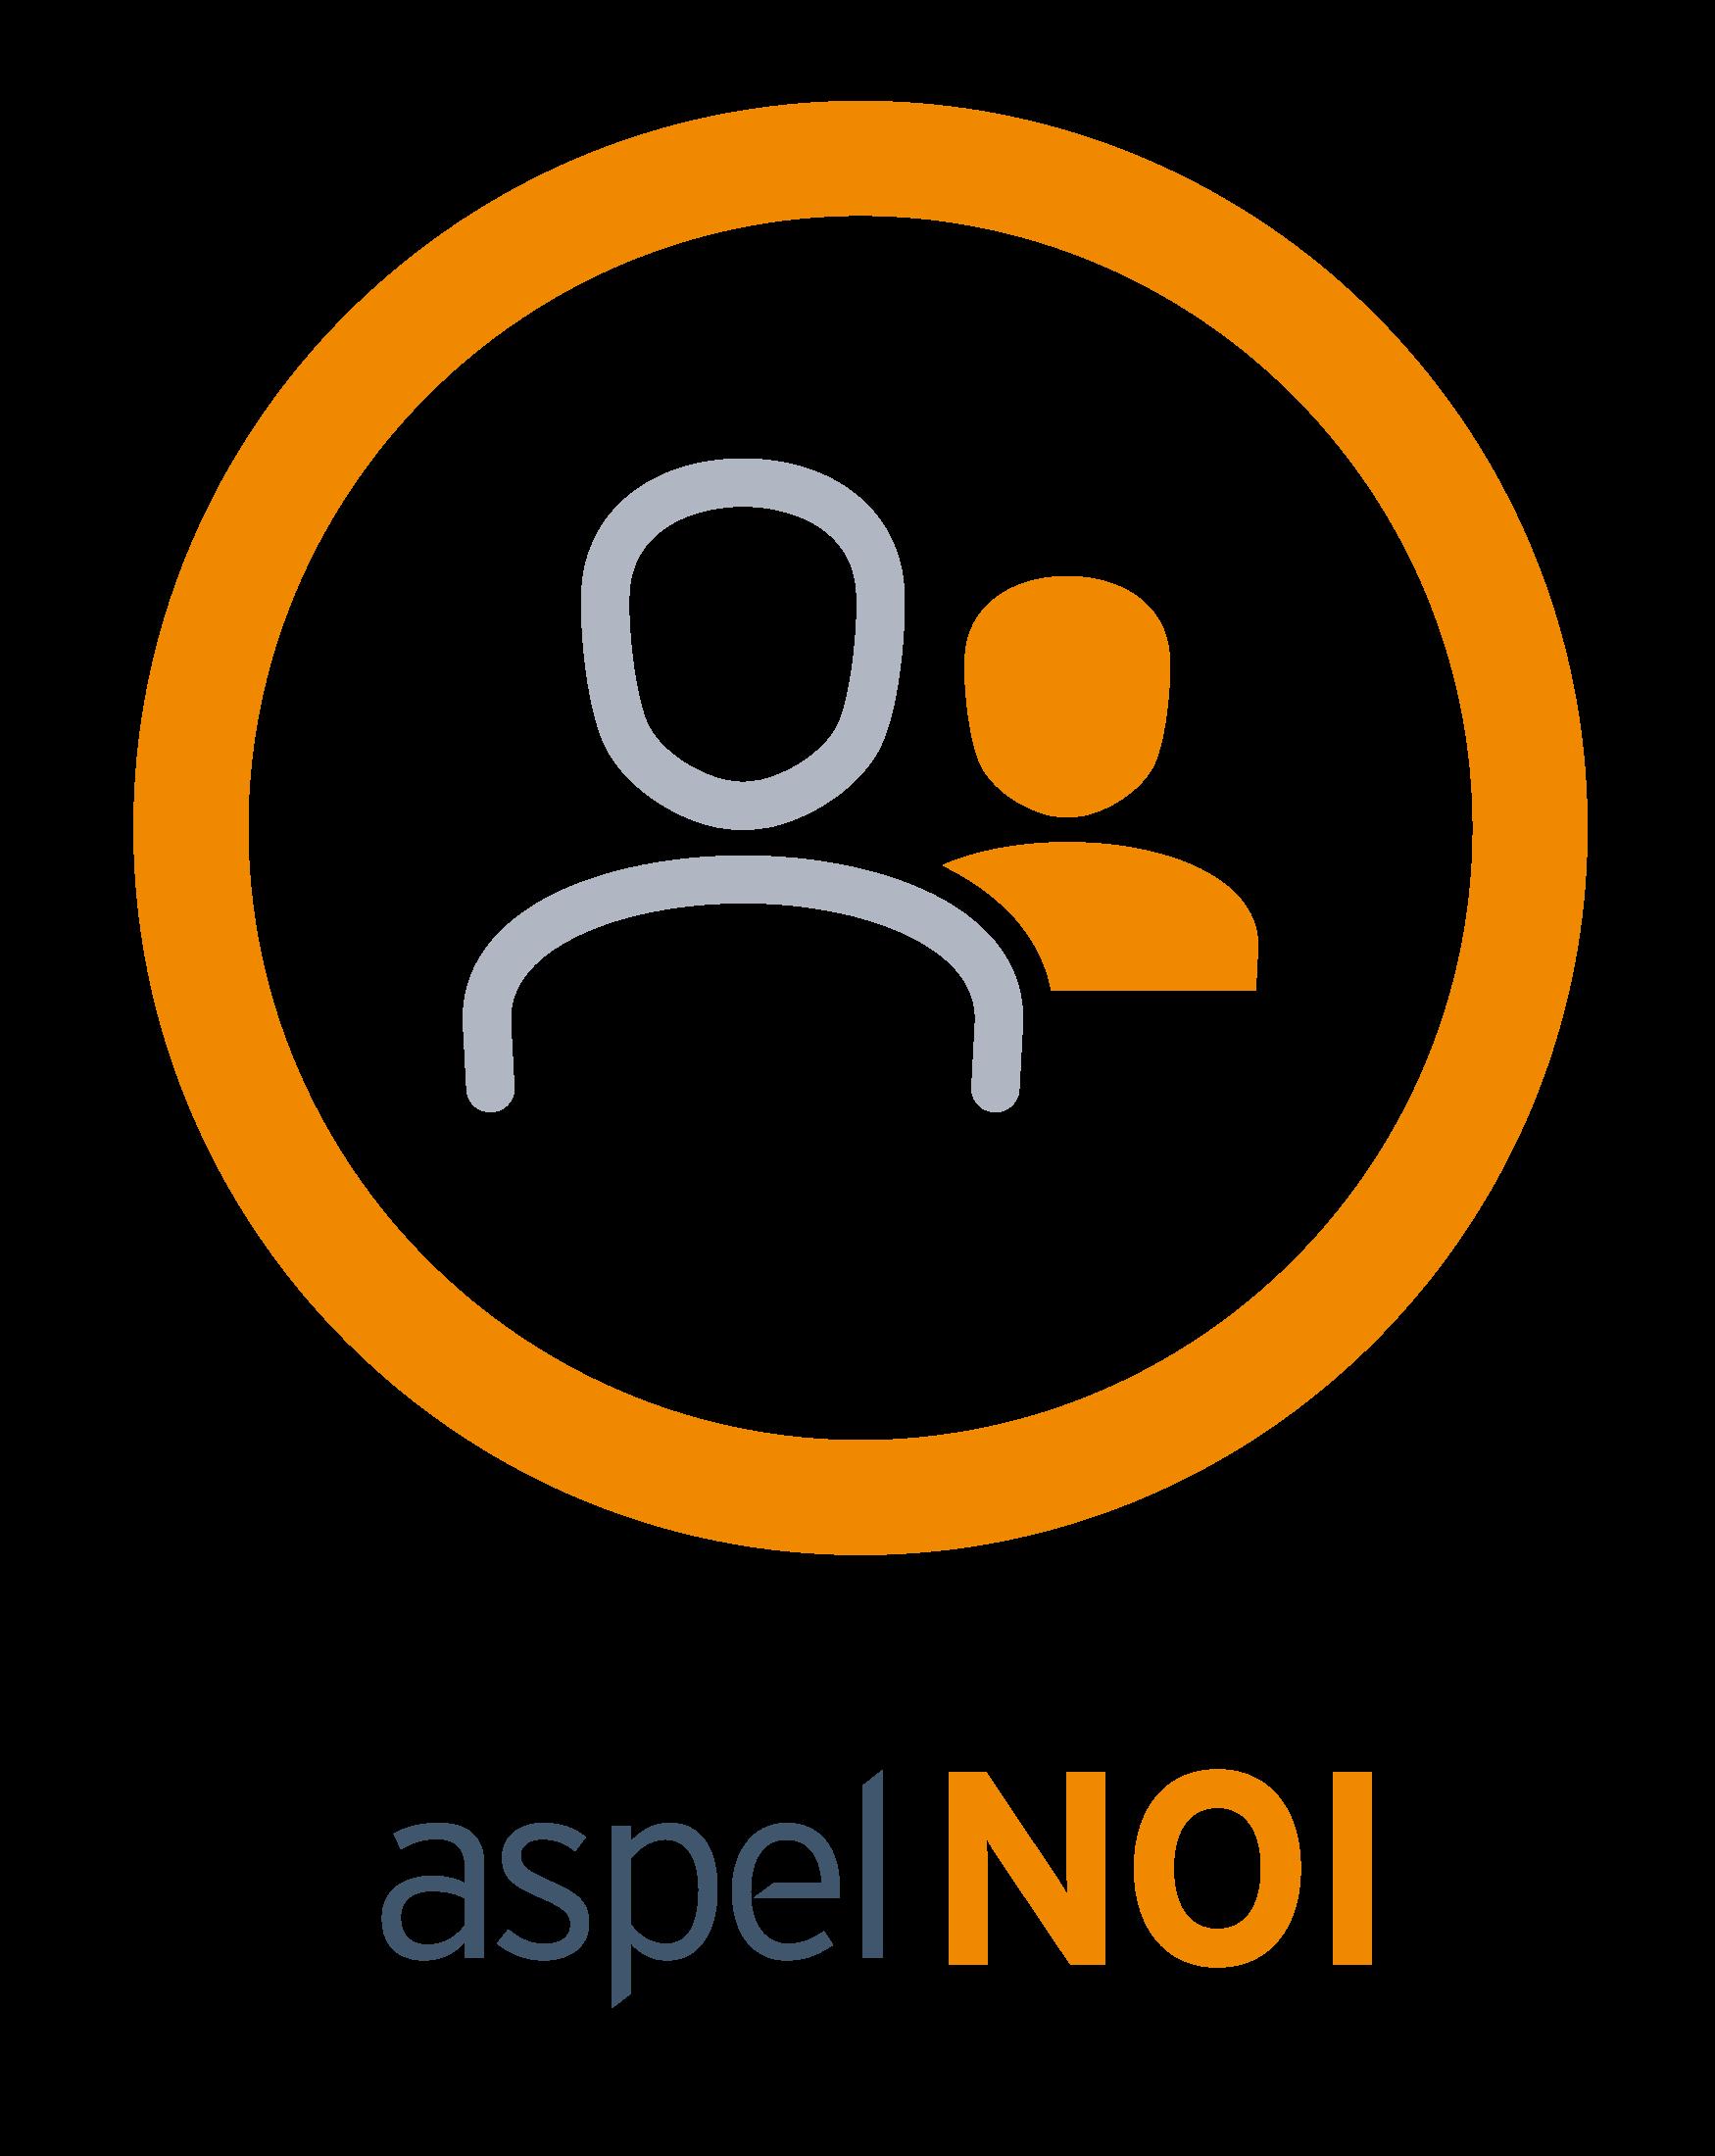 Aspel-Noi-Nomina-digital